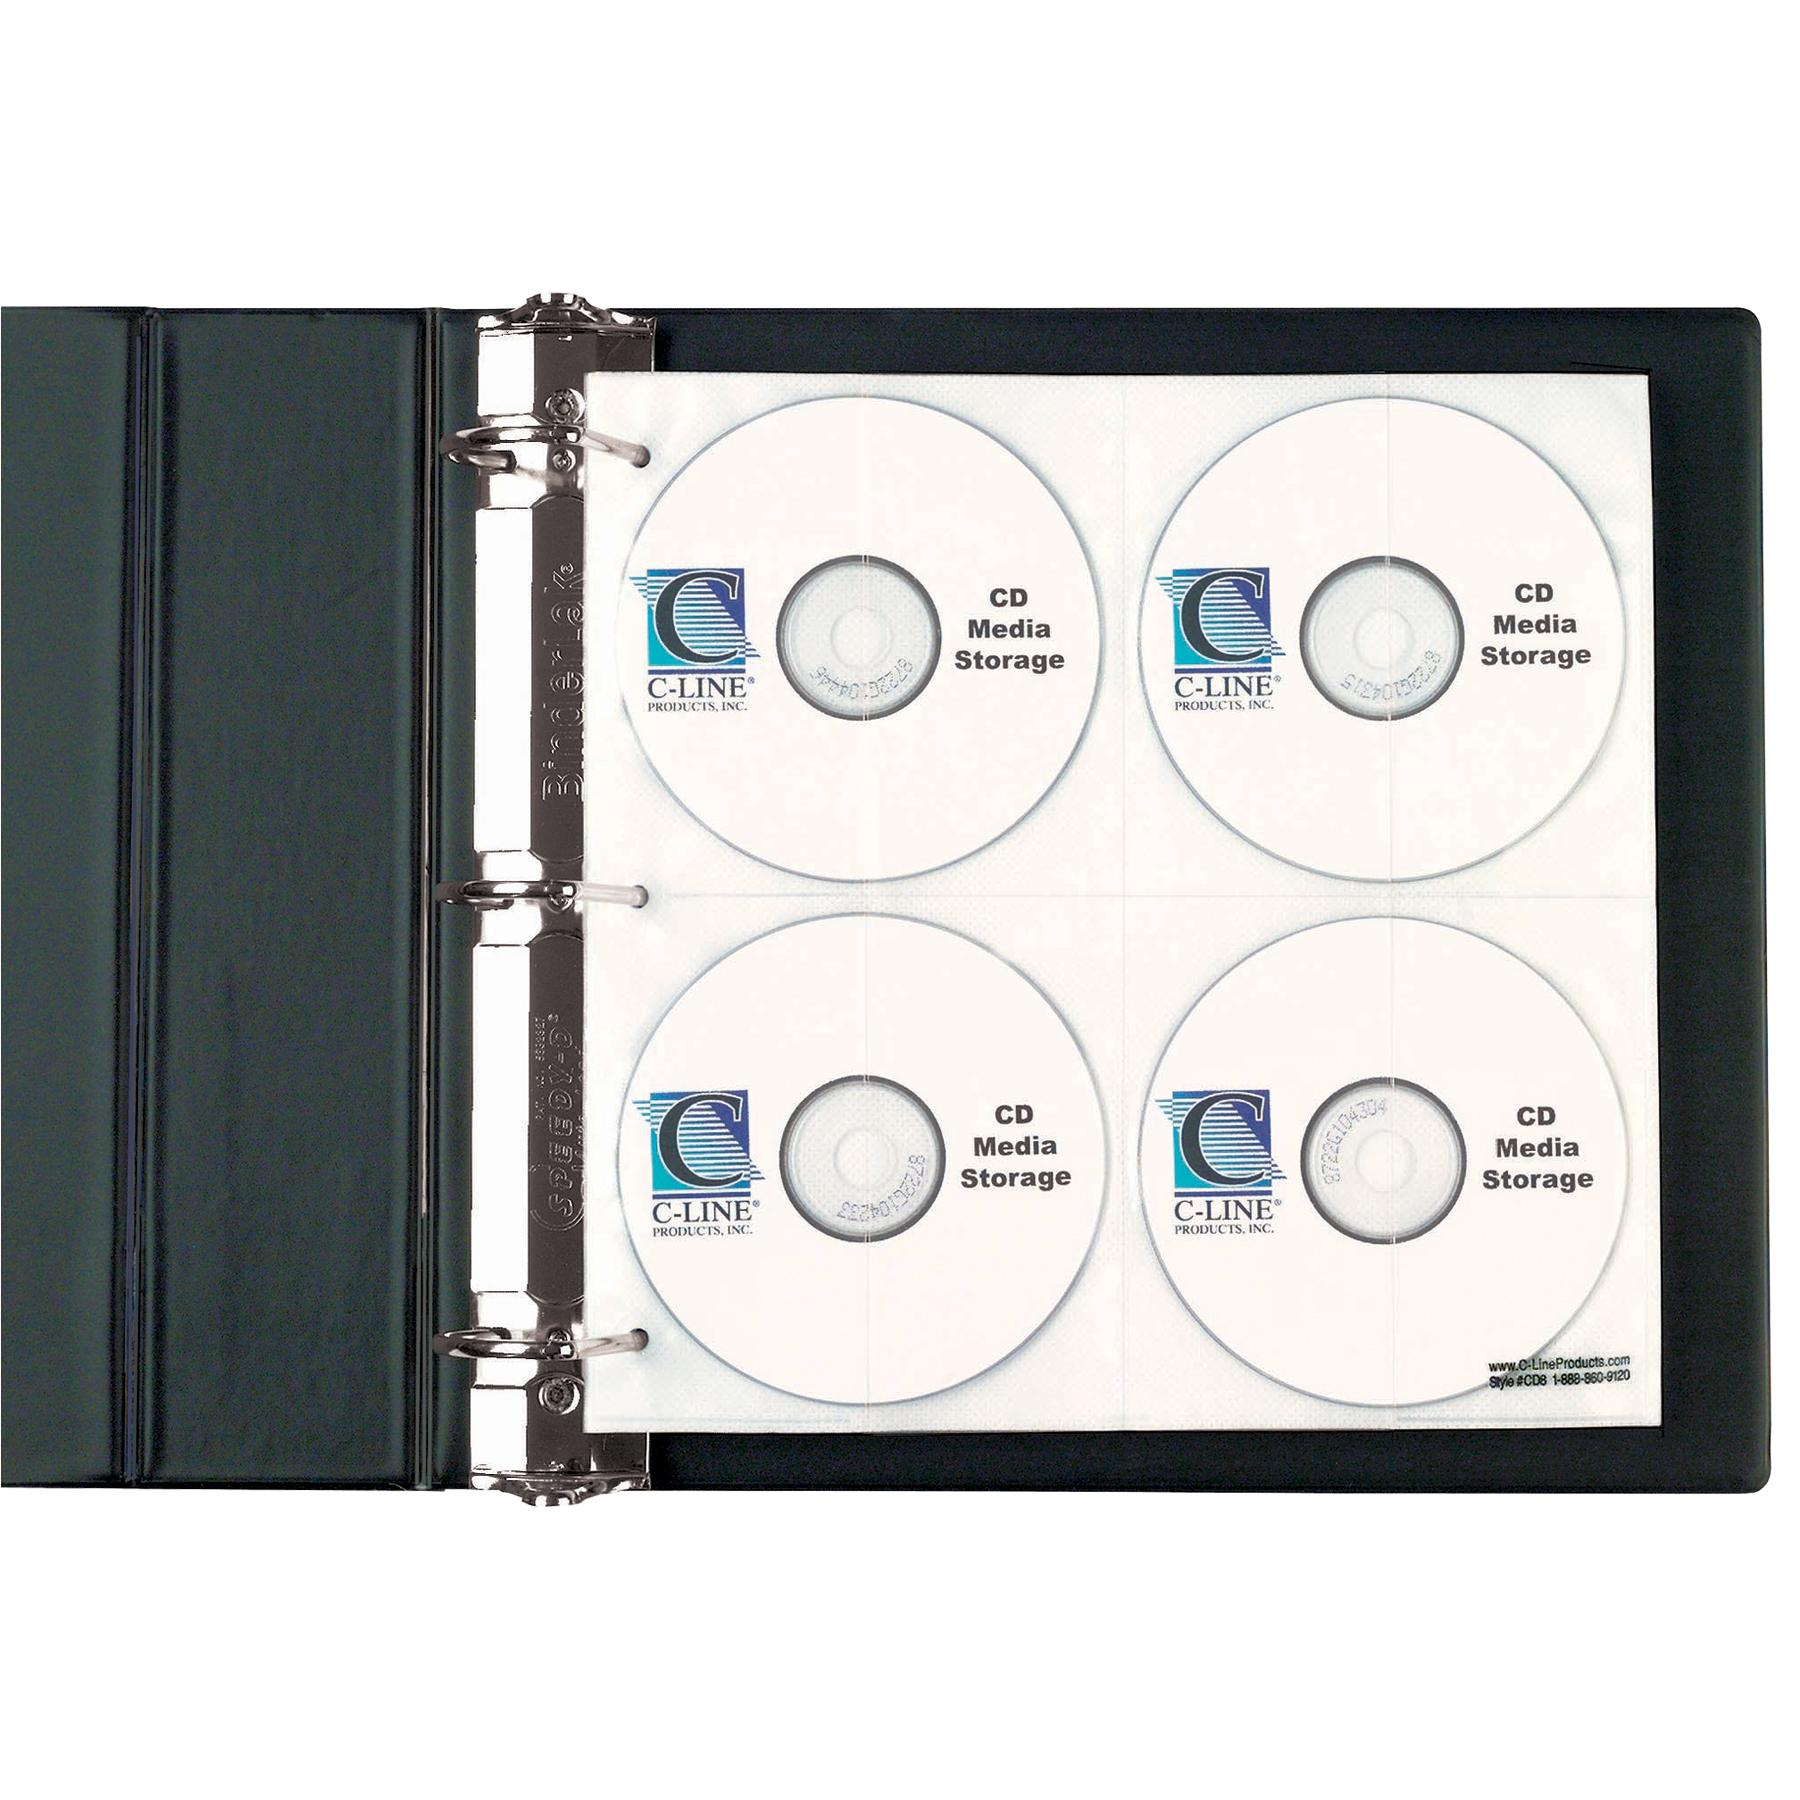 Etonnant CD Ring Binder Kit · View Larger